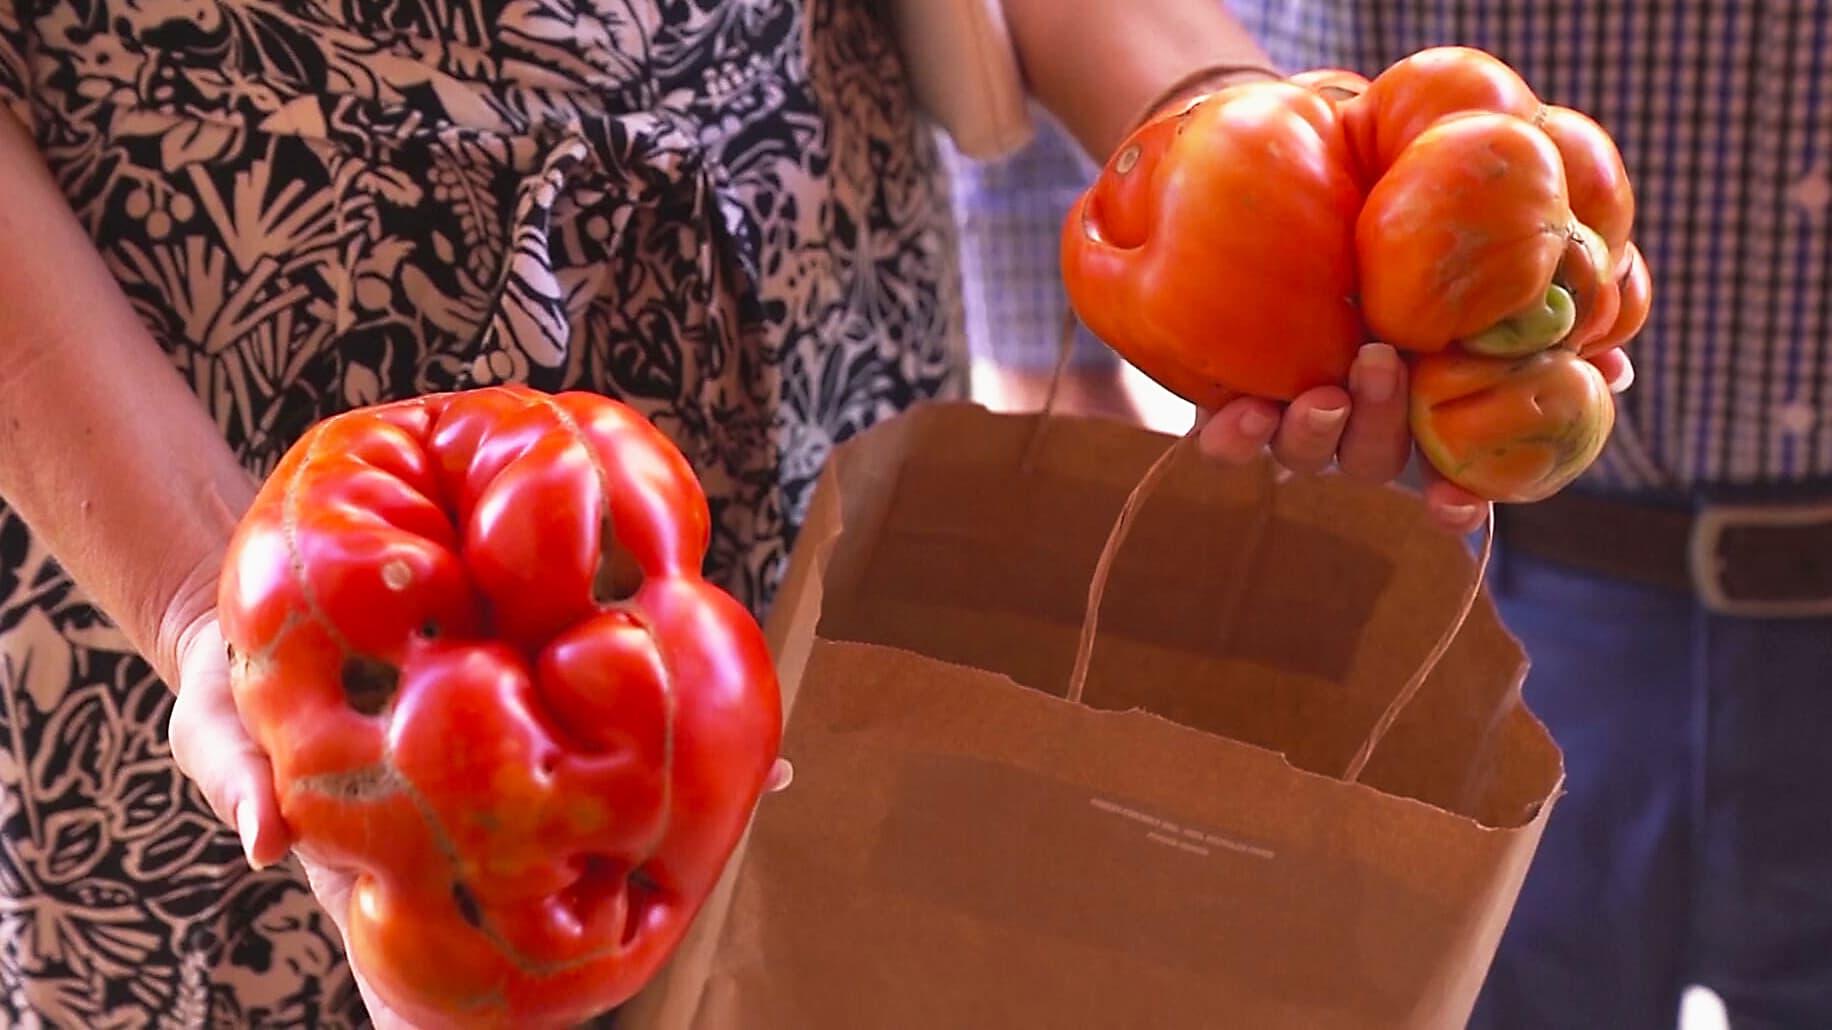 Tudelan kaupunki kisasi rumimmasta tomaatista